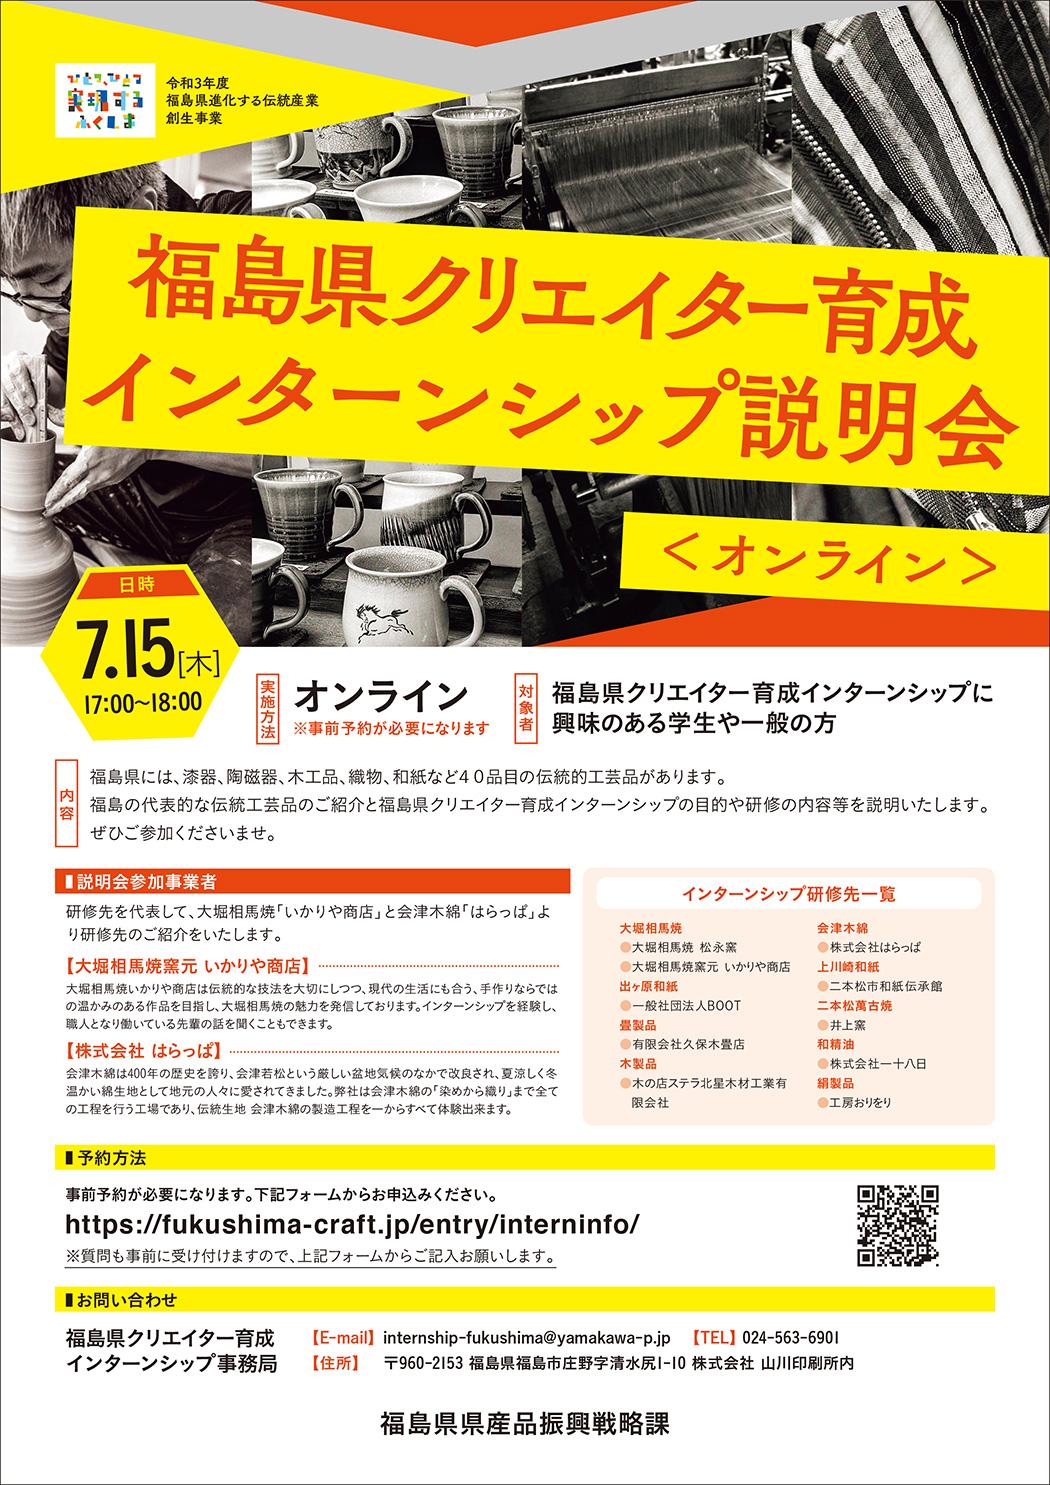 福島県クリエイター育成インターンシップ説明会